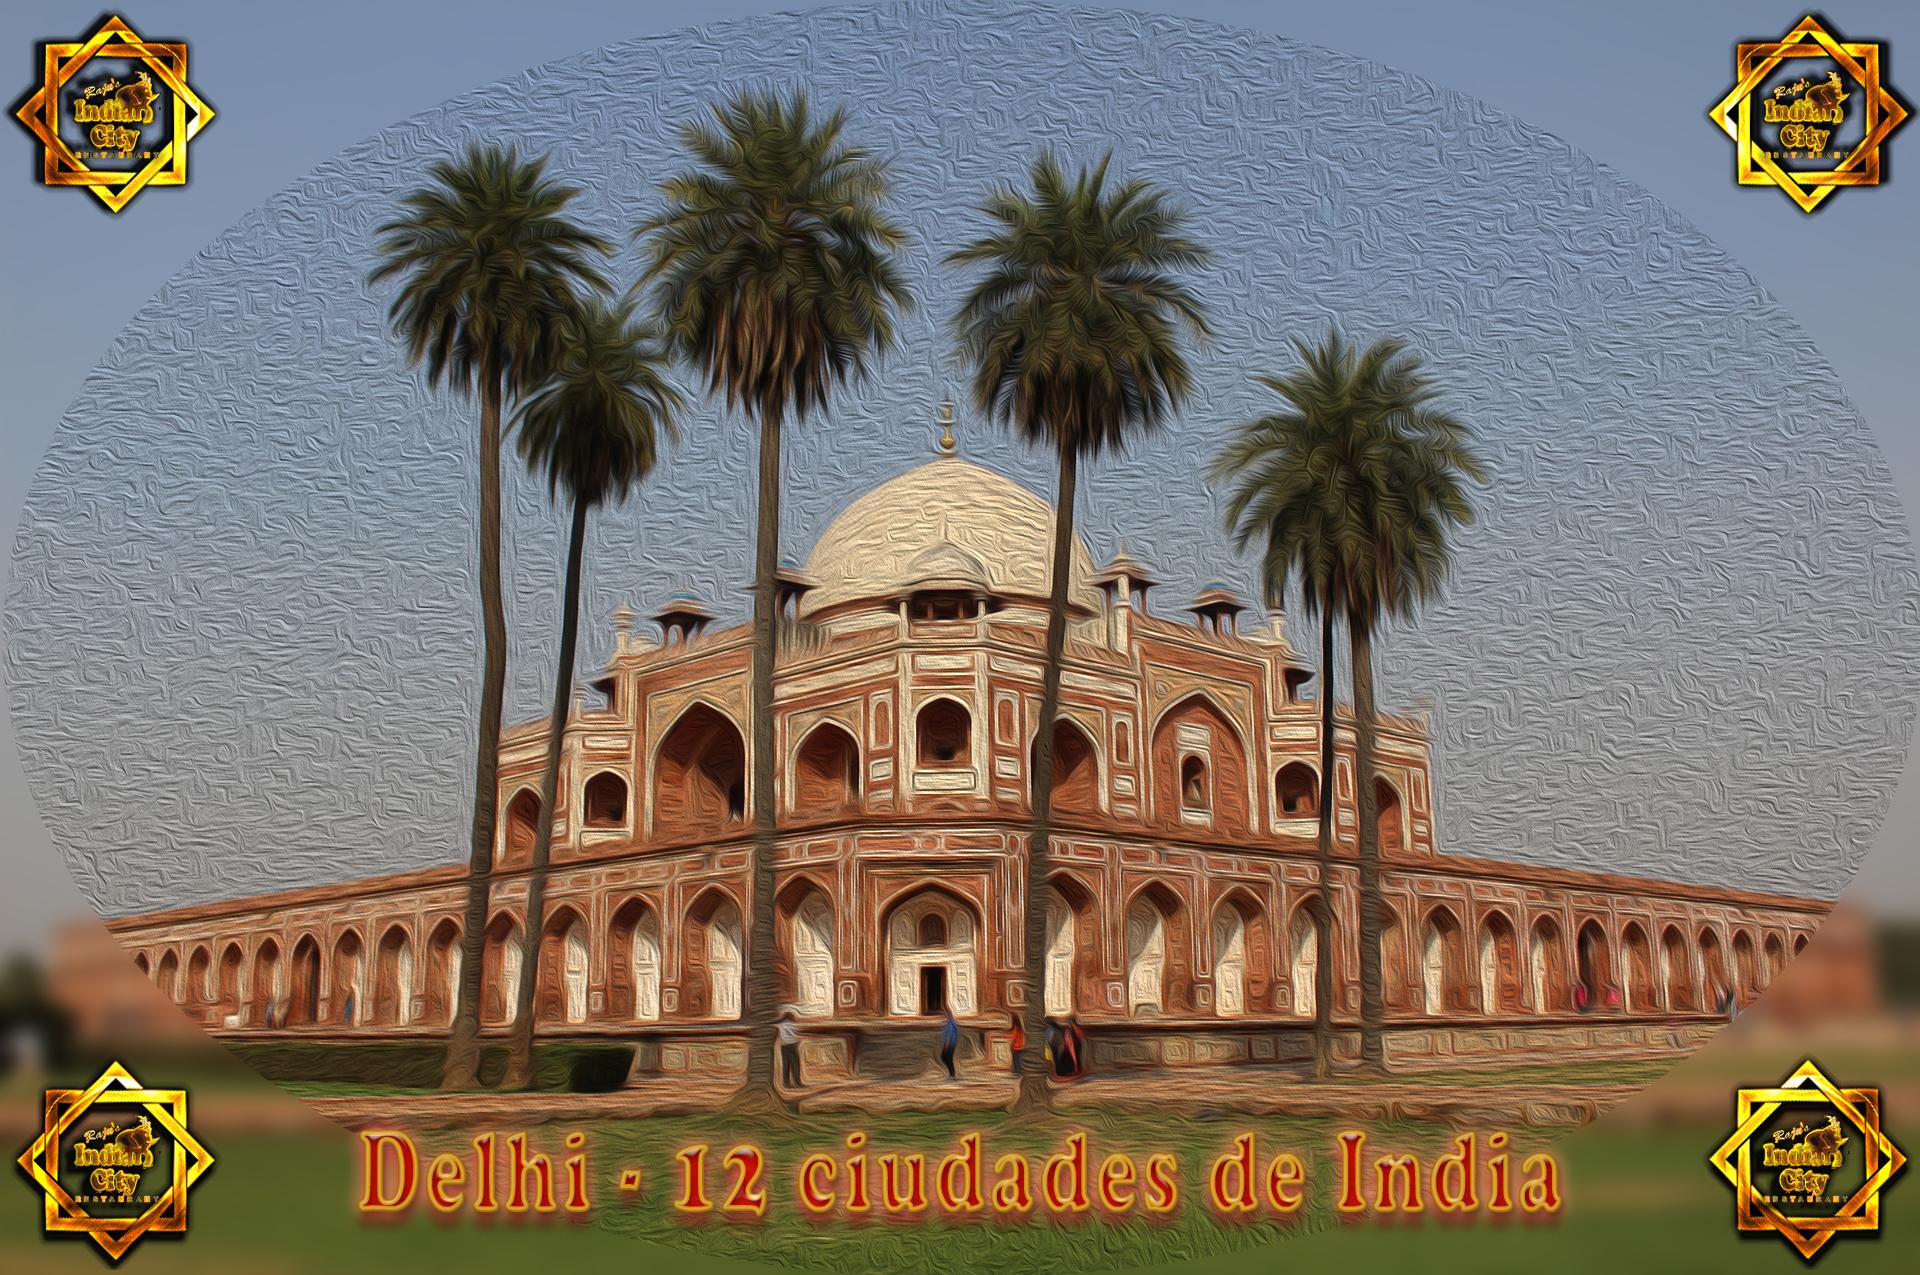 Delhi – 12 Ciudades de India